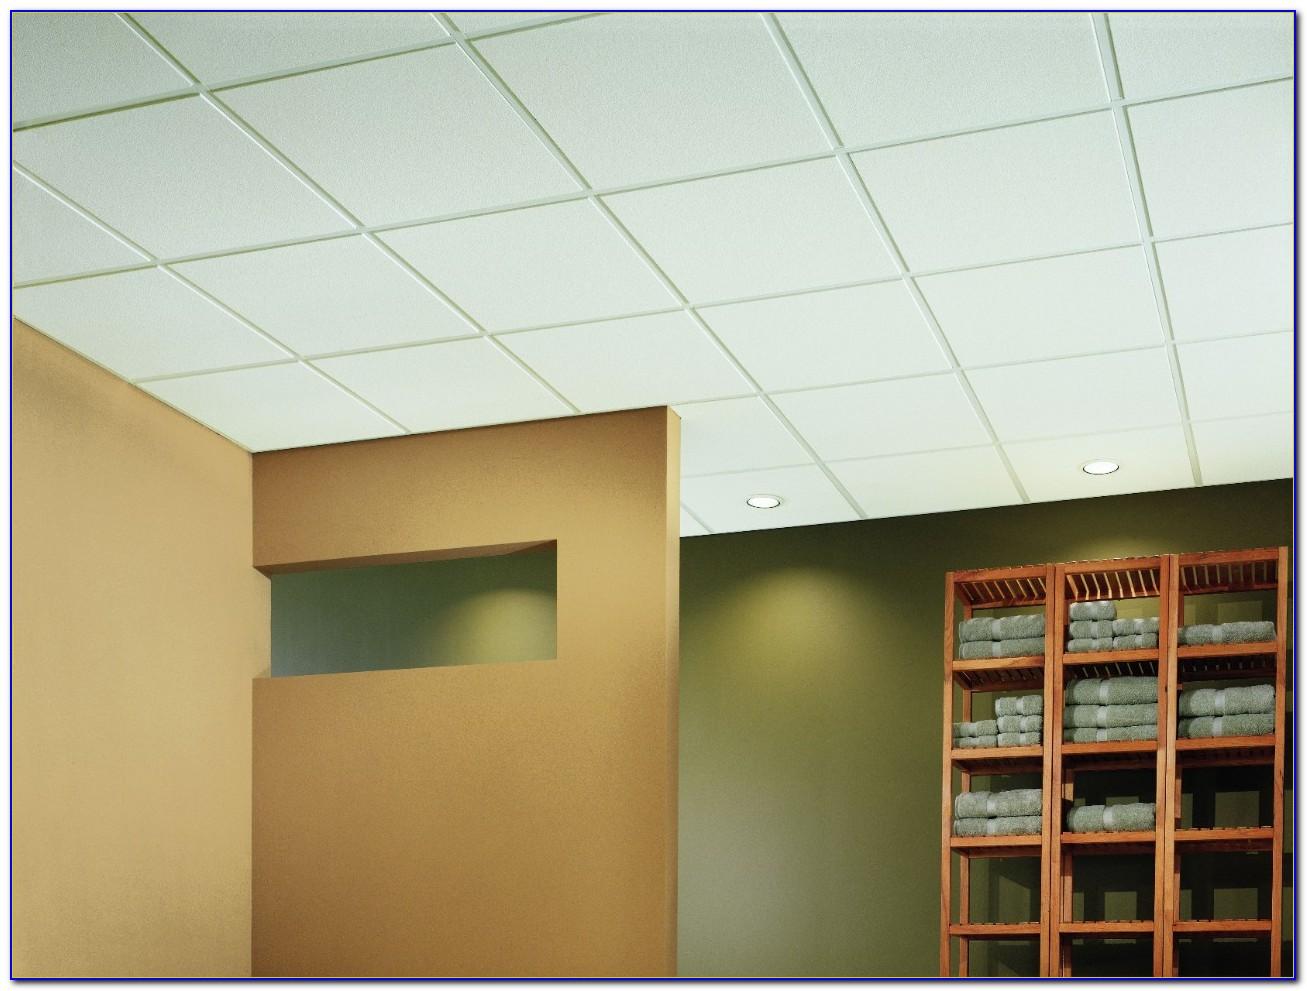 Usg Glacier Acoustical Ceiling Tile